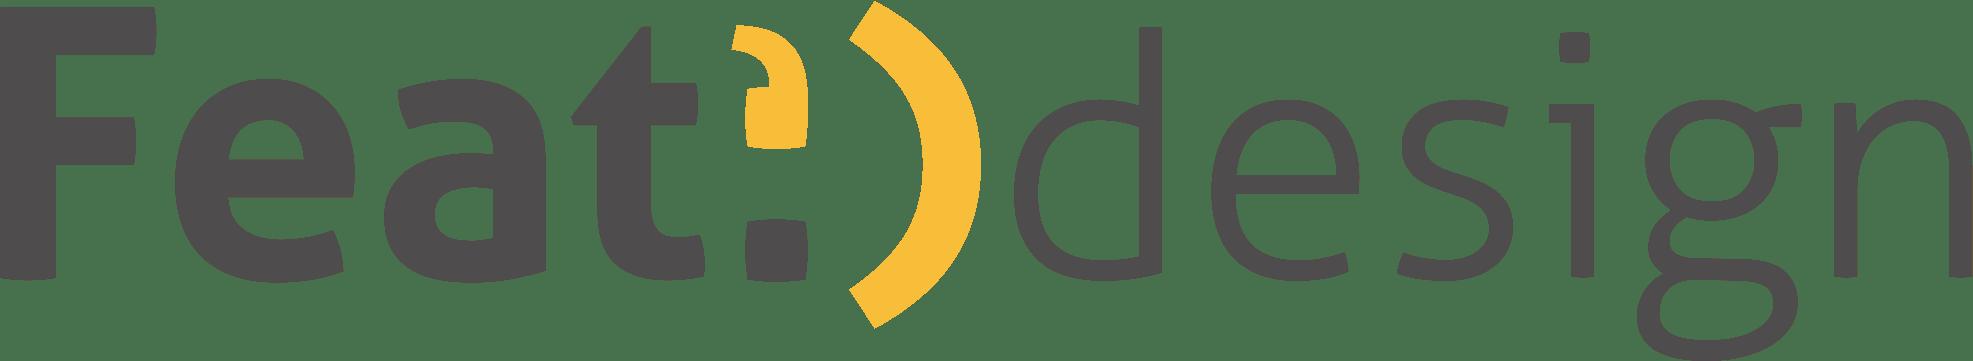 Feat Design Estratégico e Digital I Florianópolis